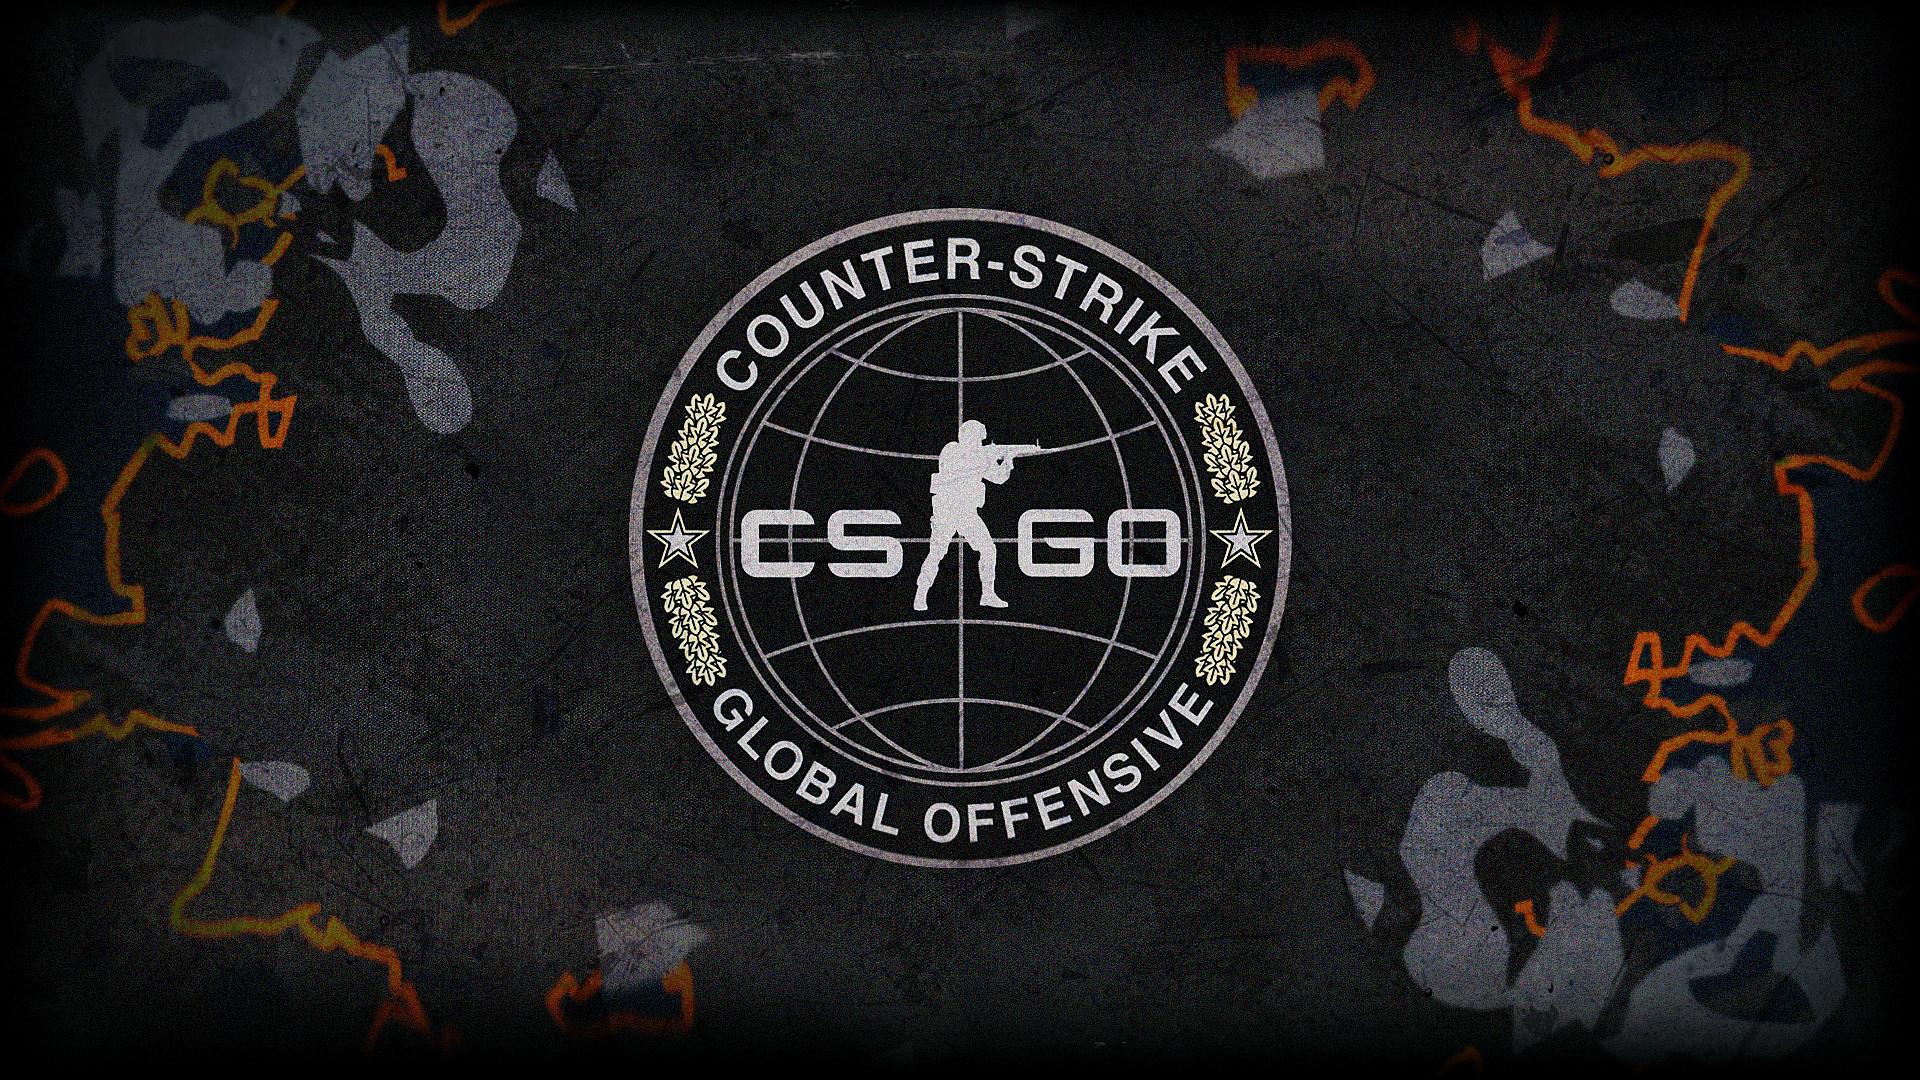 CSGO CAMO Steelseries